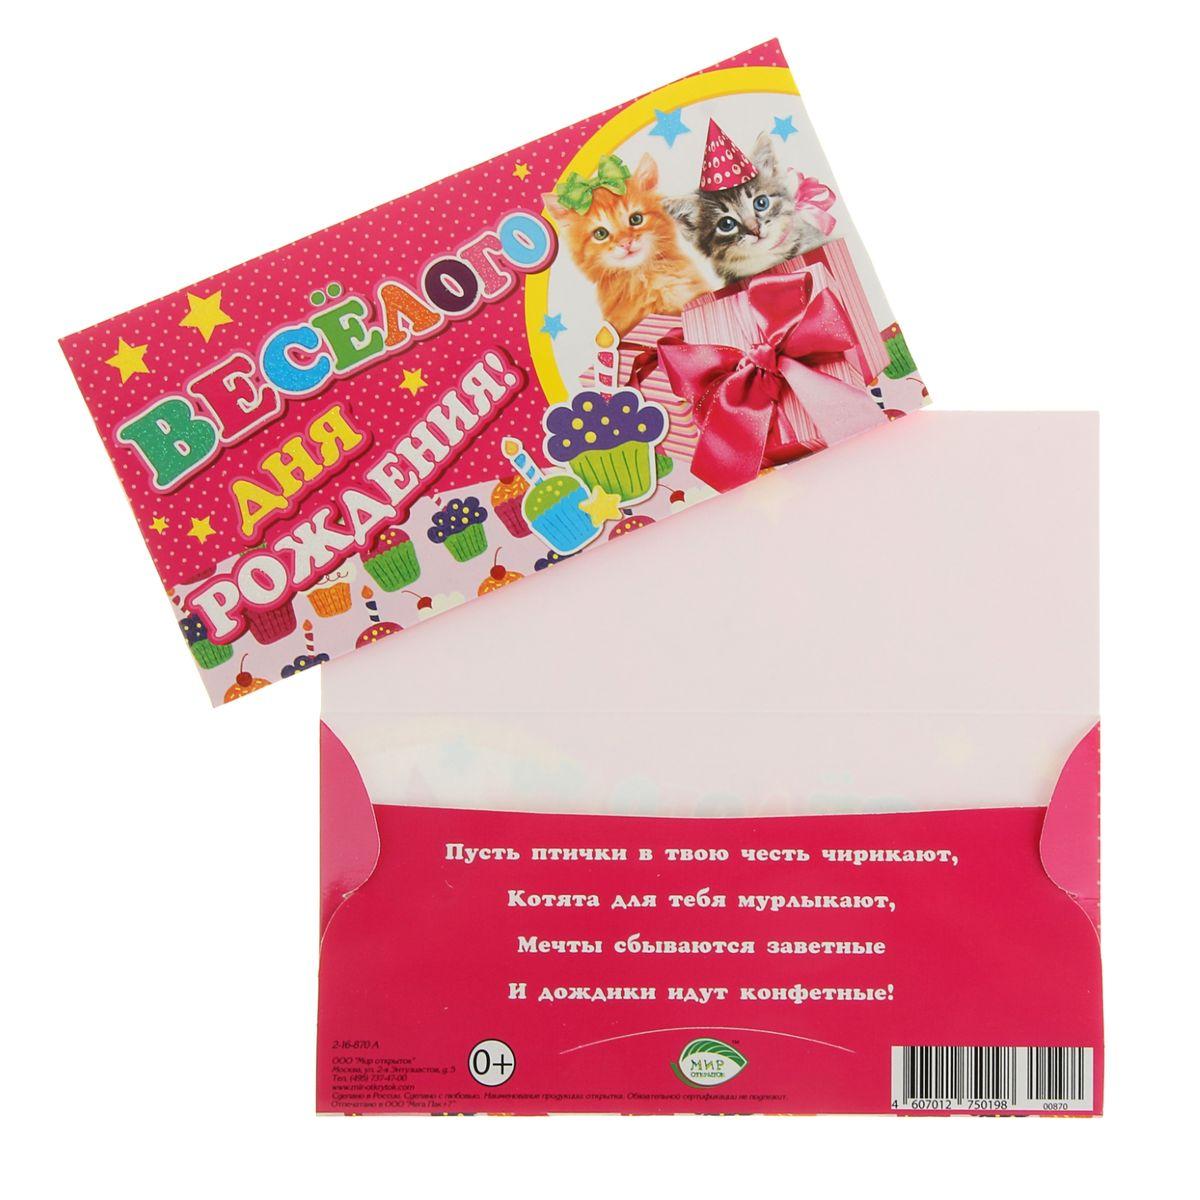 Конверт для денег Веселого Дня Рождения!. 913116913116Конверт для денег Веселого Дня Рождения! выполнен из плотной бумаги и украшен яркой картинкой, соответствующей событию. Это необычная красивая одежка для денежного подарка, а так же отличная возможность сделать его более праздничным и создать прекрасное настроение! Конверт Веселого Дня Рождения! - идеальное решение, если вы хотите подарить деньги.